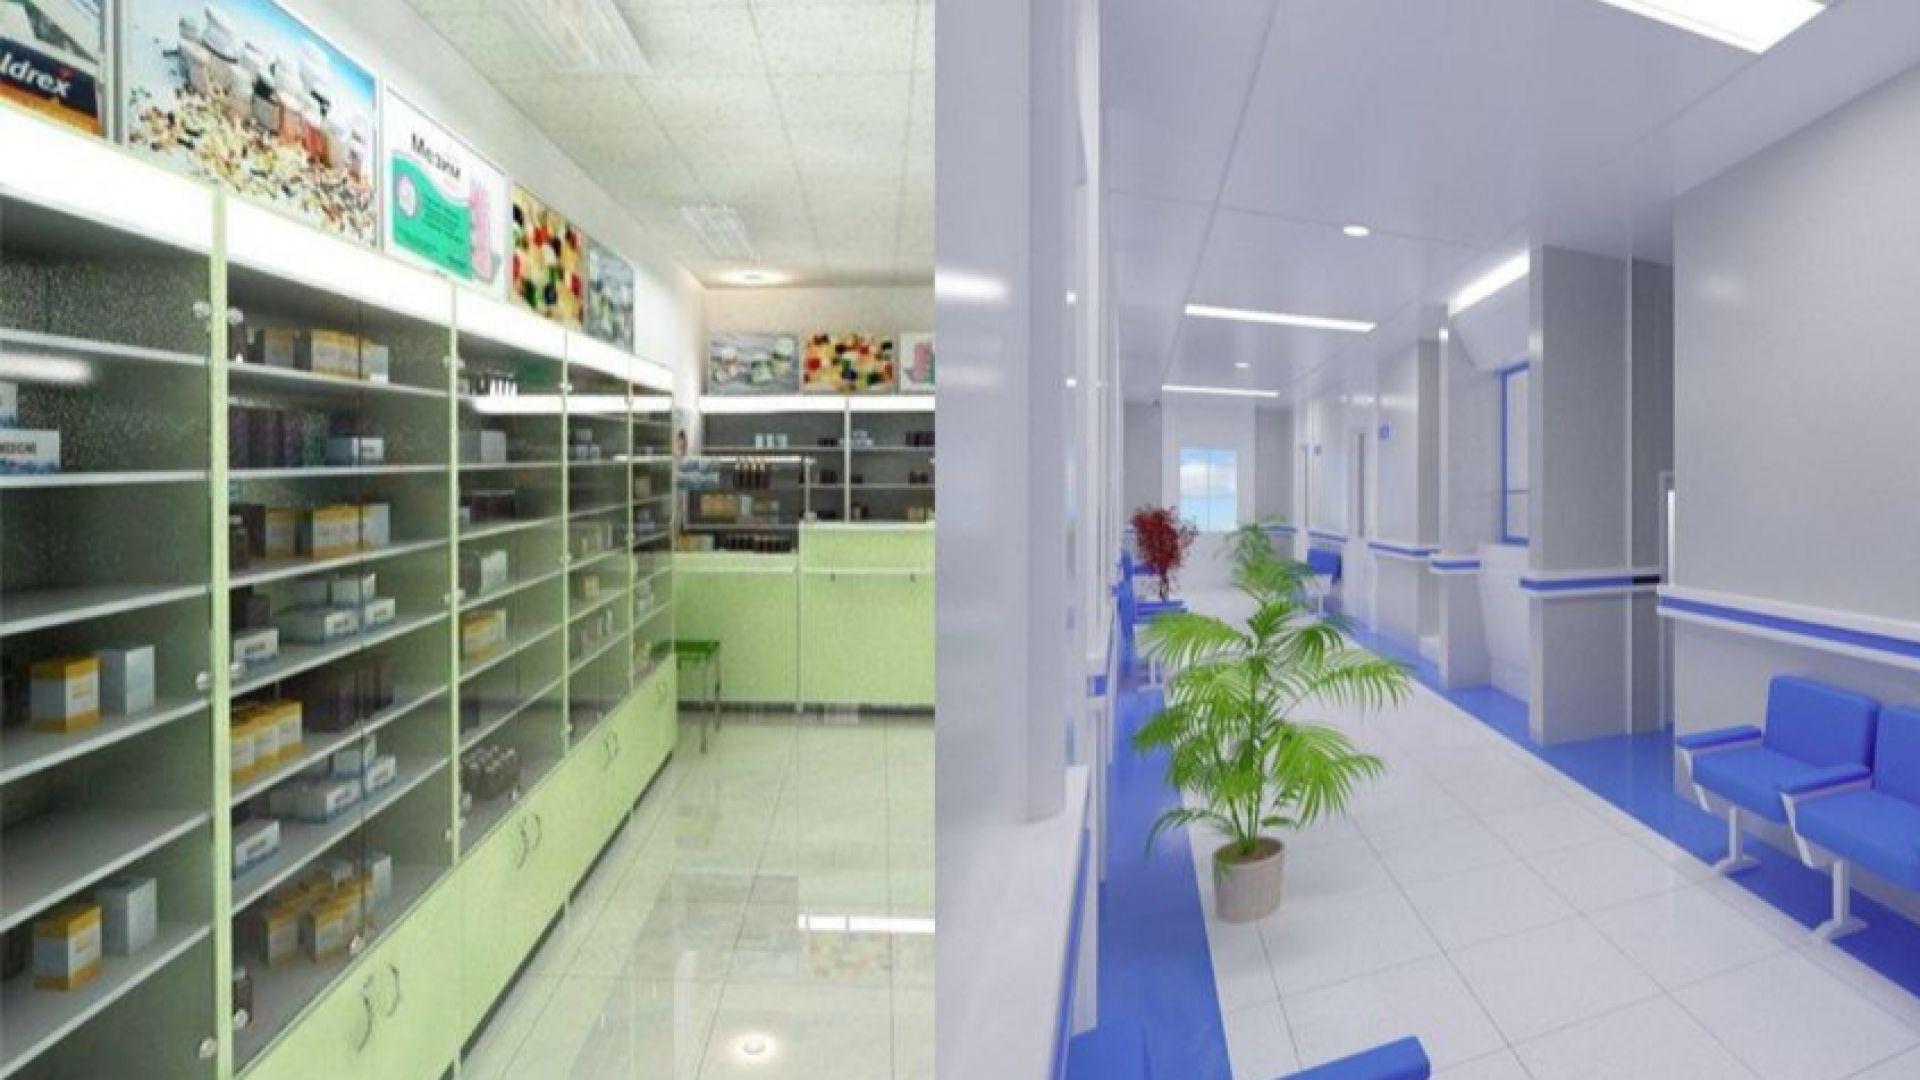 Проект за модерна клиника започват във варненското село Каменар. Реализирането